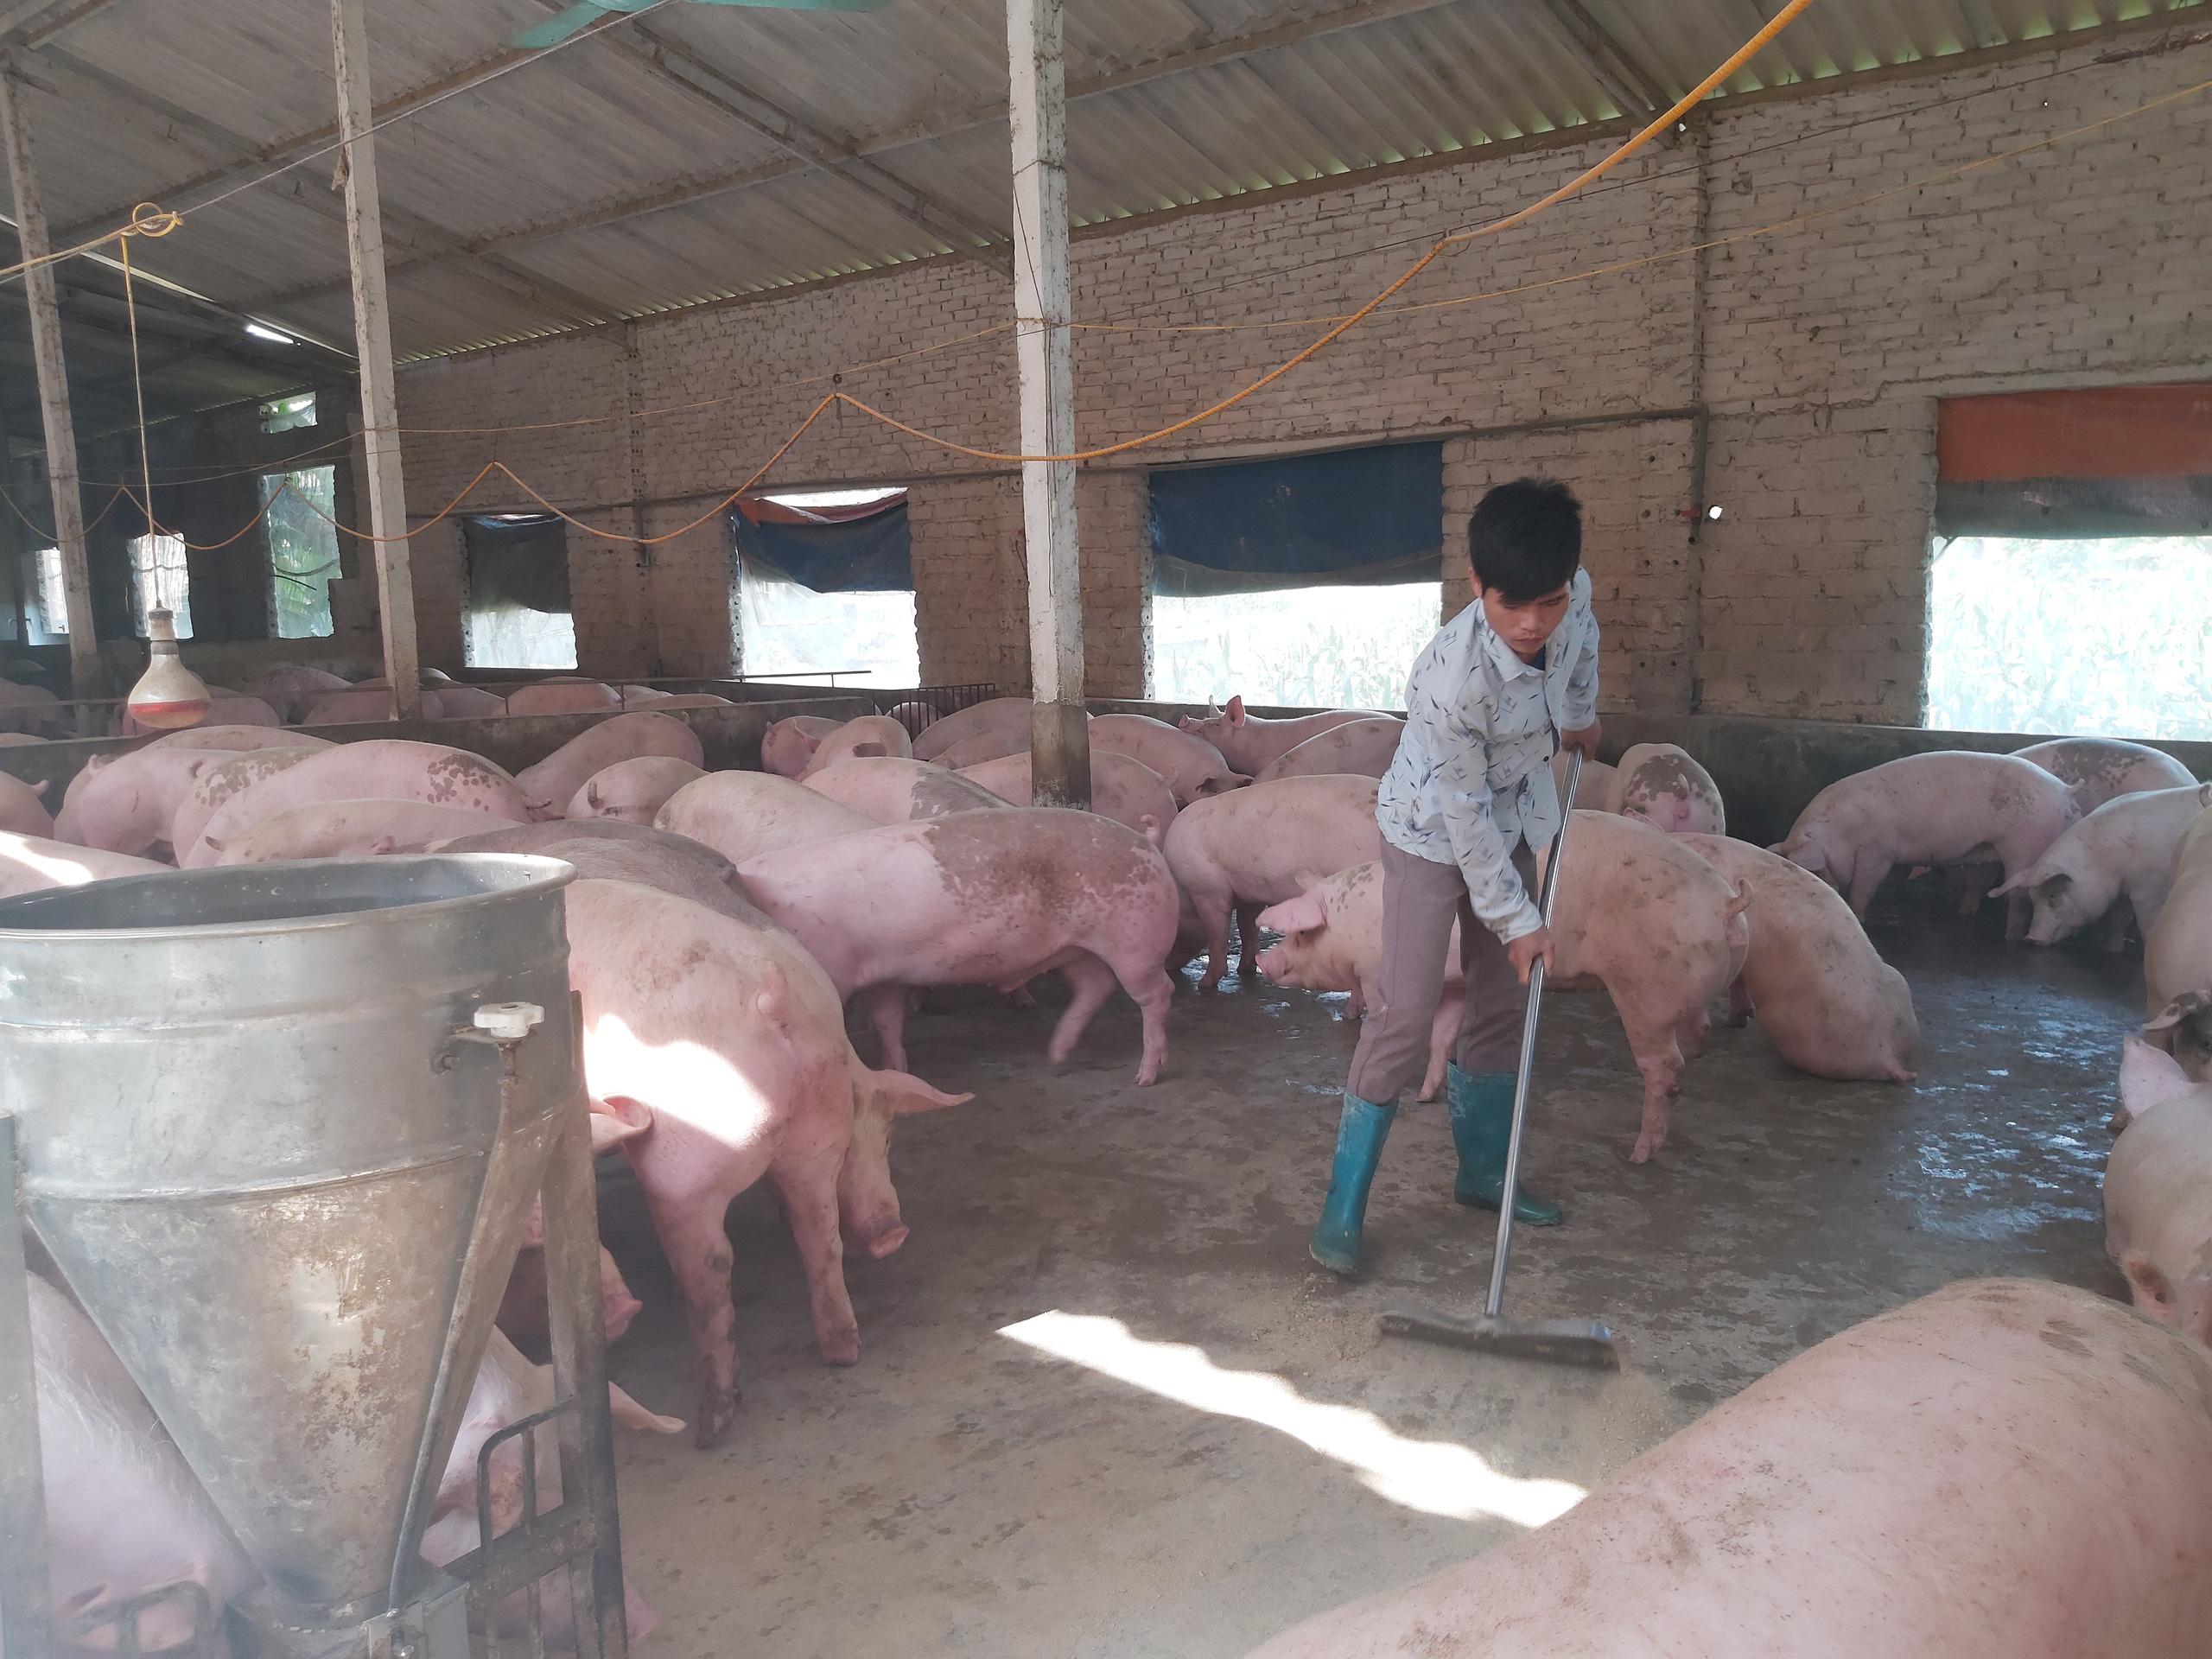 Tìm lối ra cho nông sản mùa dịch Covid-19 (bài 2): Kiến nghị tạo điều kiện lưu thông nông sản - Ảnh 1.